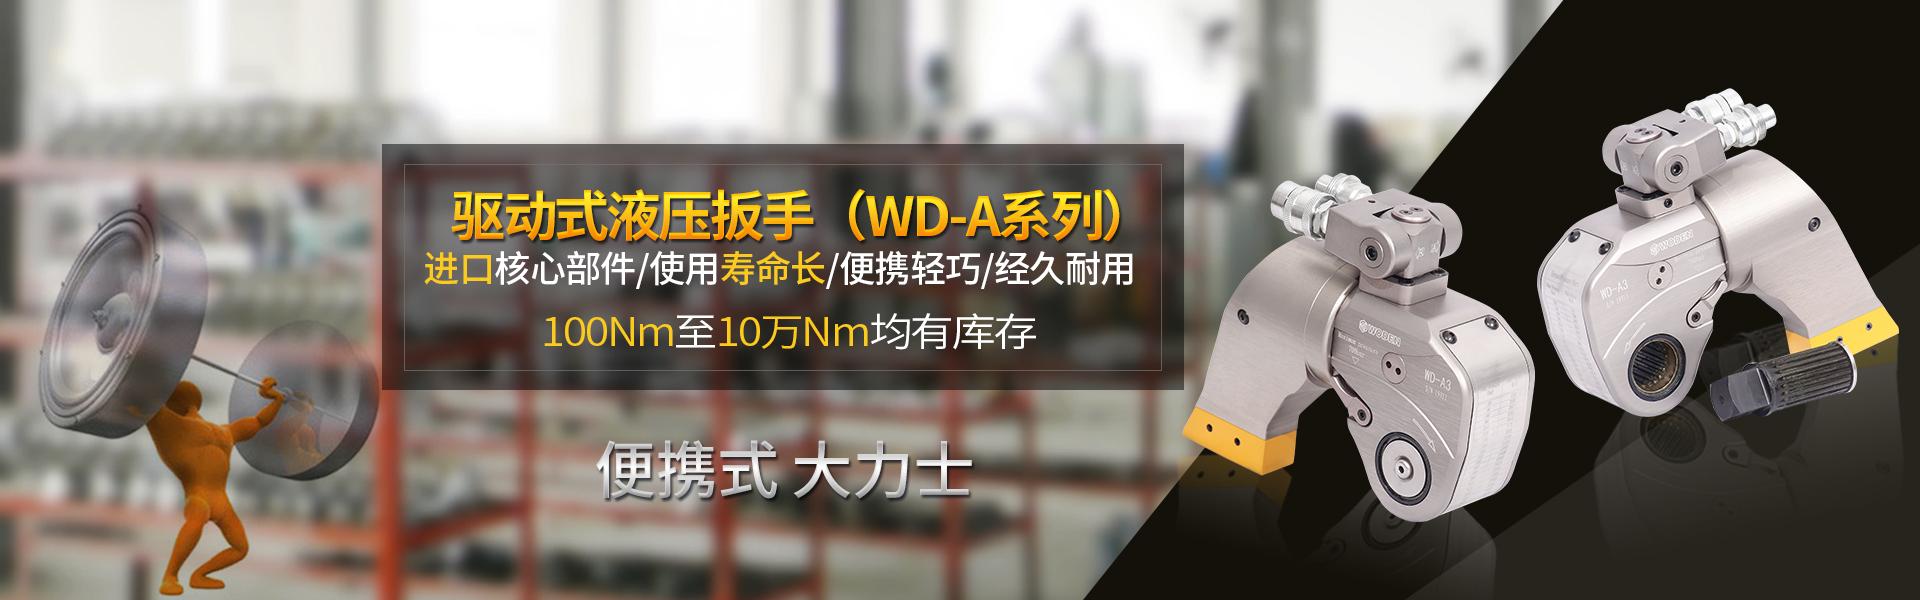 沃顿驱动液压扳手采用进口核心部件